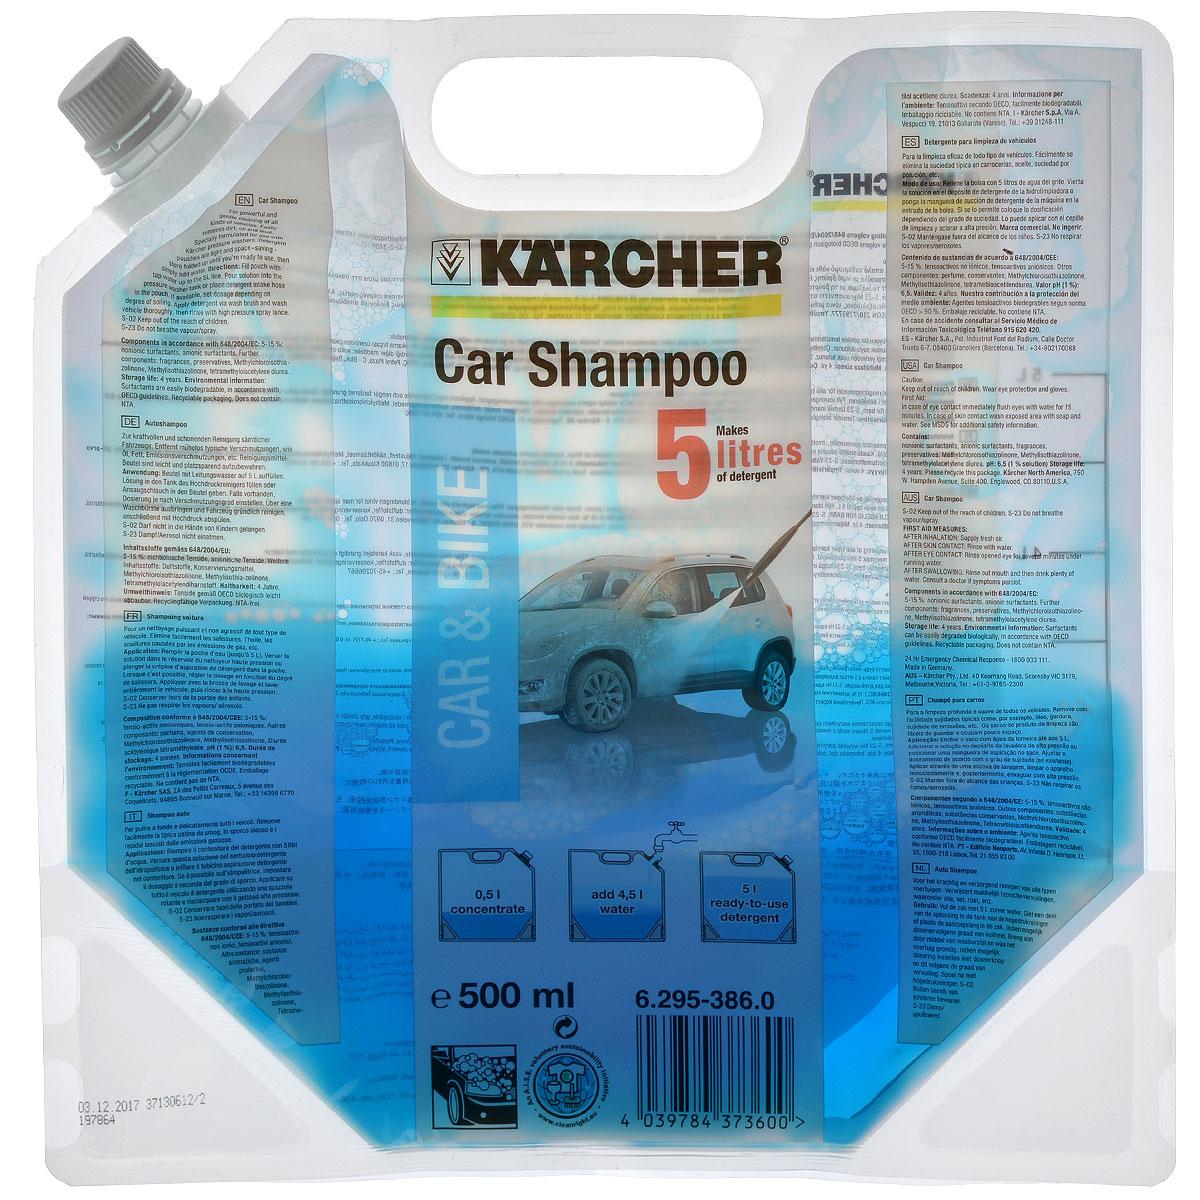 Автошампунь концентрированный Karcher 500мл 6.295-386.0GC204/30Мягкий пенистый шампунь Karcher бережно и тщательно очищает любые автомобили. Легко устраняет все типичные загрязнения - масла, смазки, атмосферные загрязнения и т.д.Состав: 5-15% неионные тензиды, анионные тензиды, ароматизаторы, консервант, метилхлоризотиазолинон, метилизотиазолинон, тетраметилол-ацетилендиуриа.